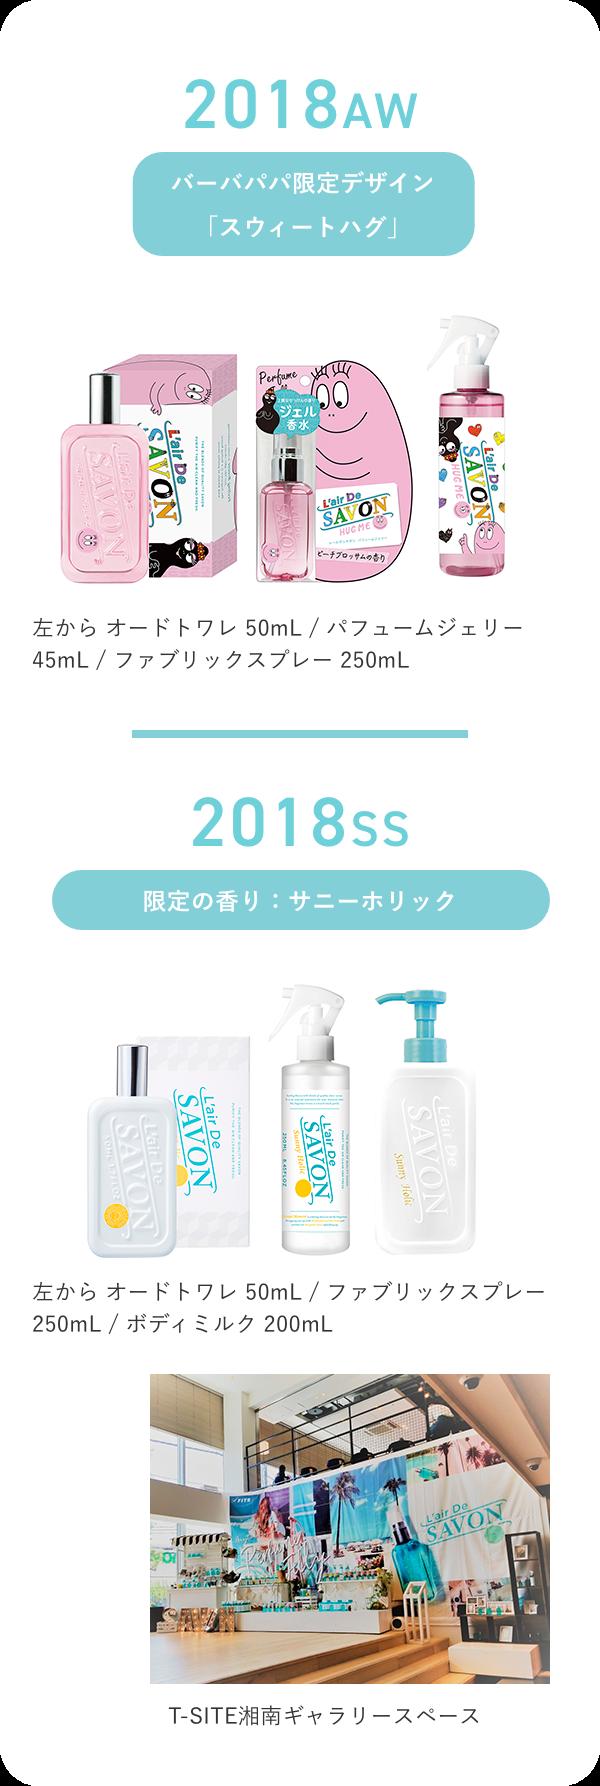 2018AW バーバパパ限定デザイン, 2018SS 限定の香り:サニーホリック